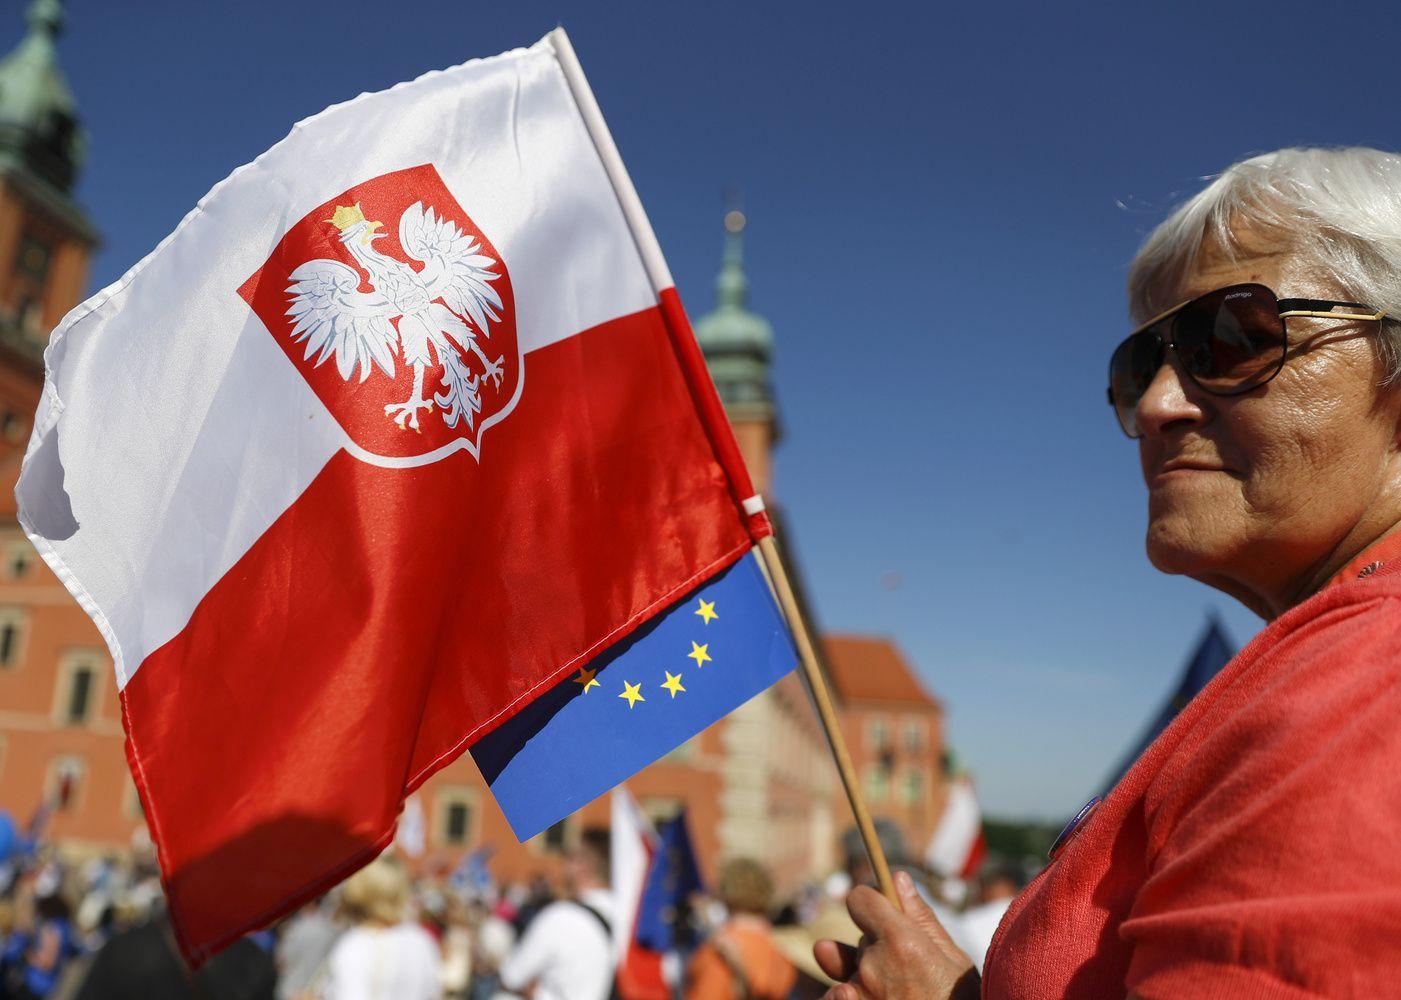 Lenkijoje – savivaldos rinkimųtestas šalies valdantiesiems